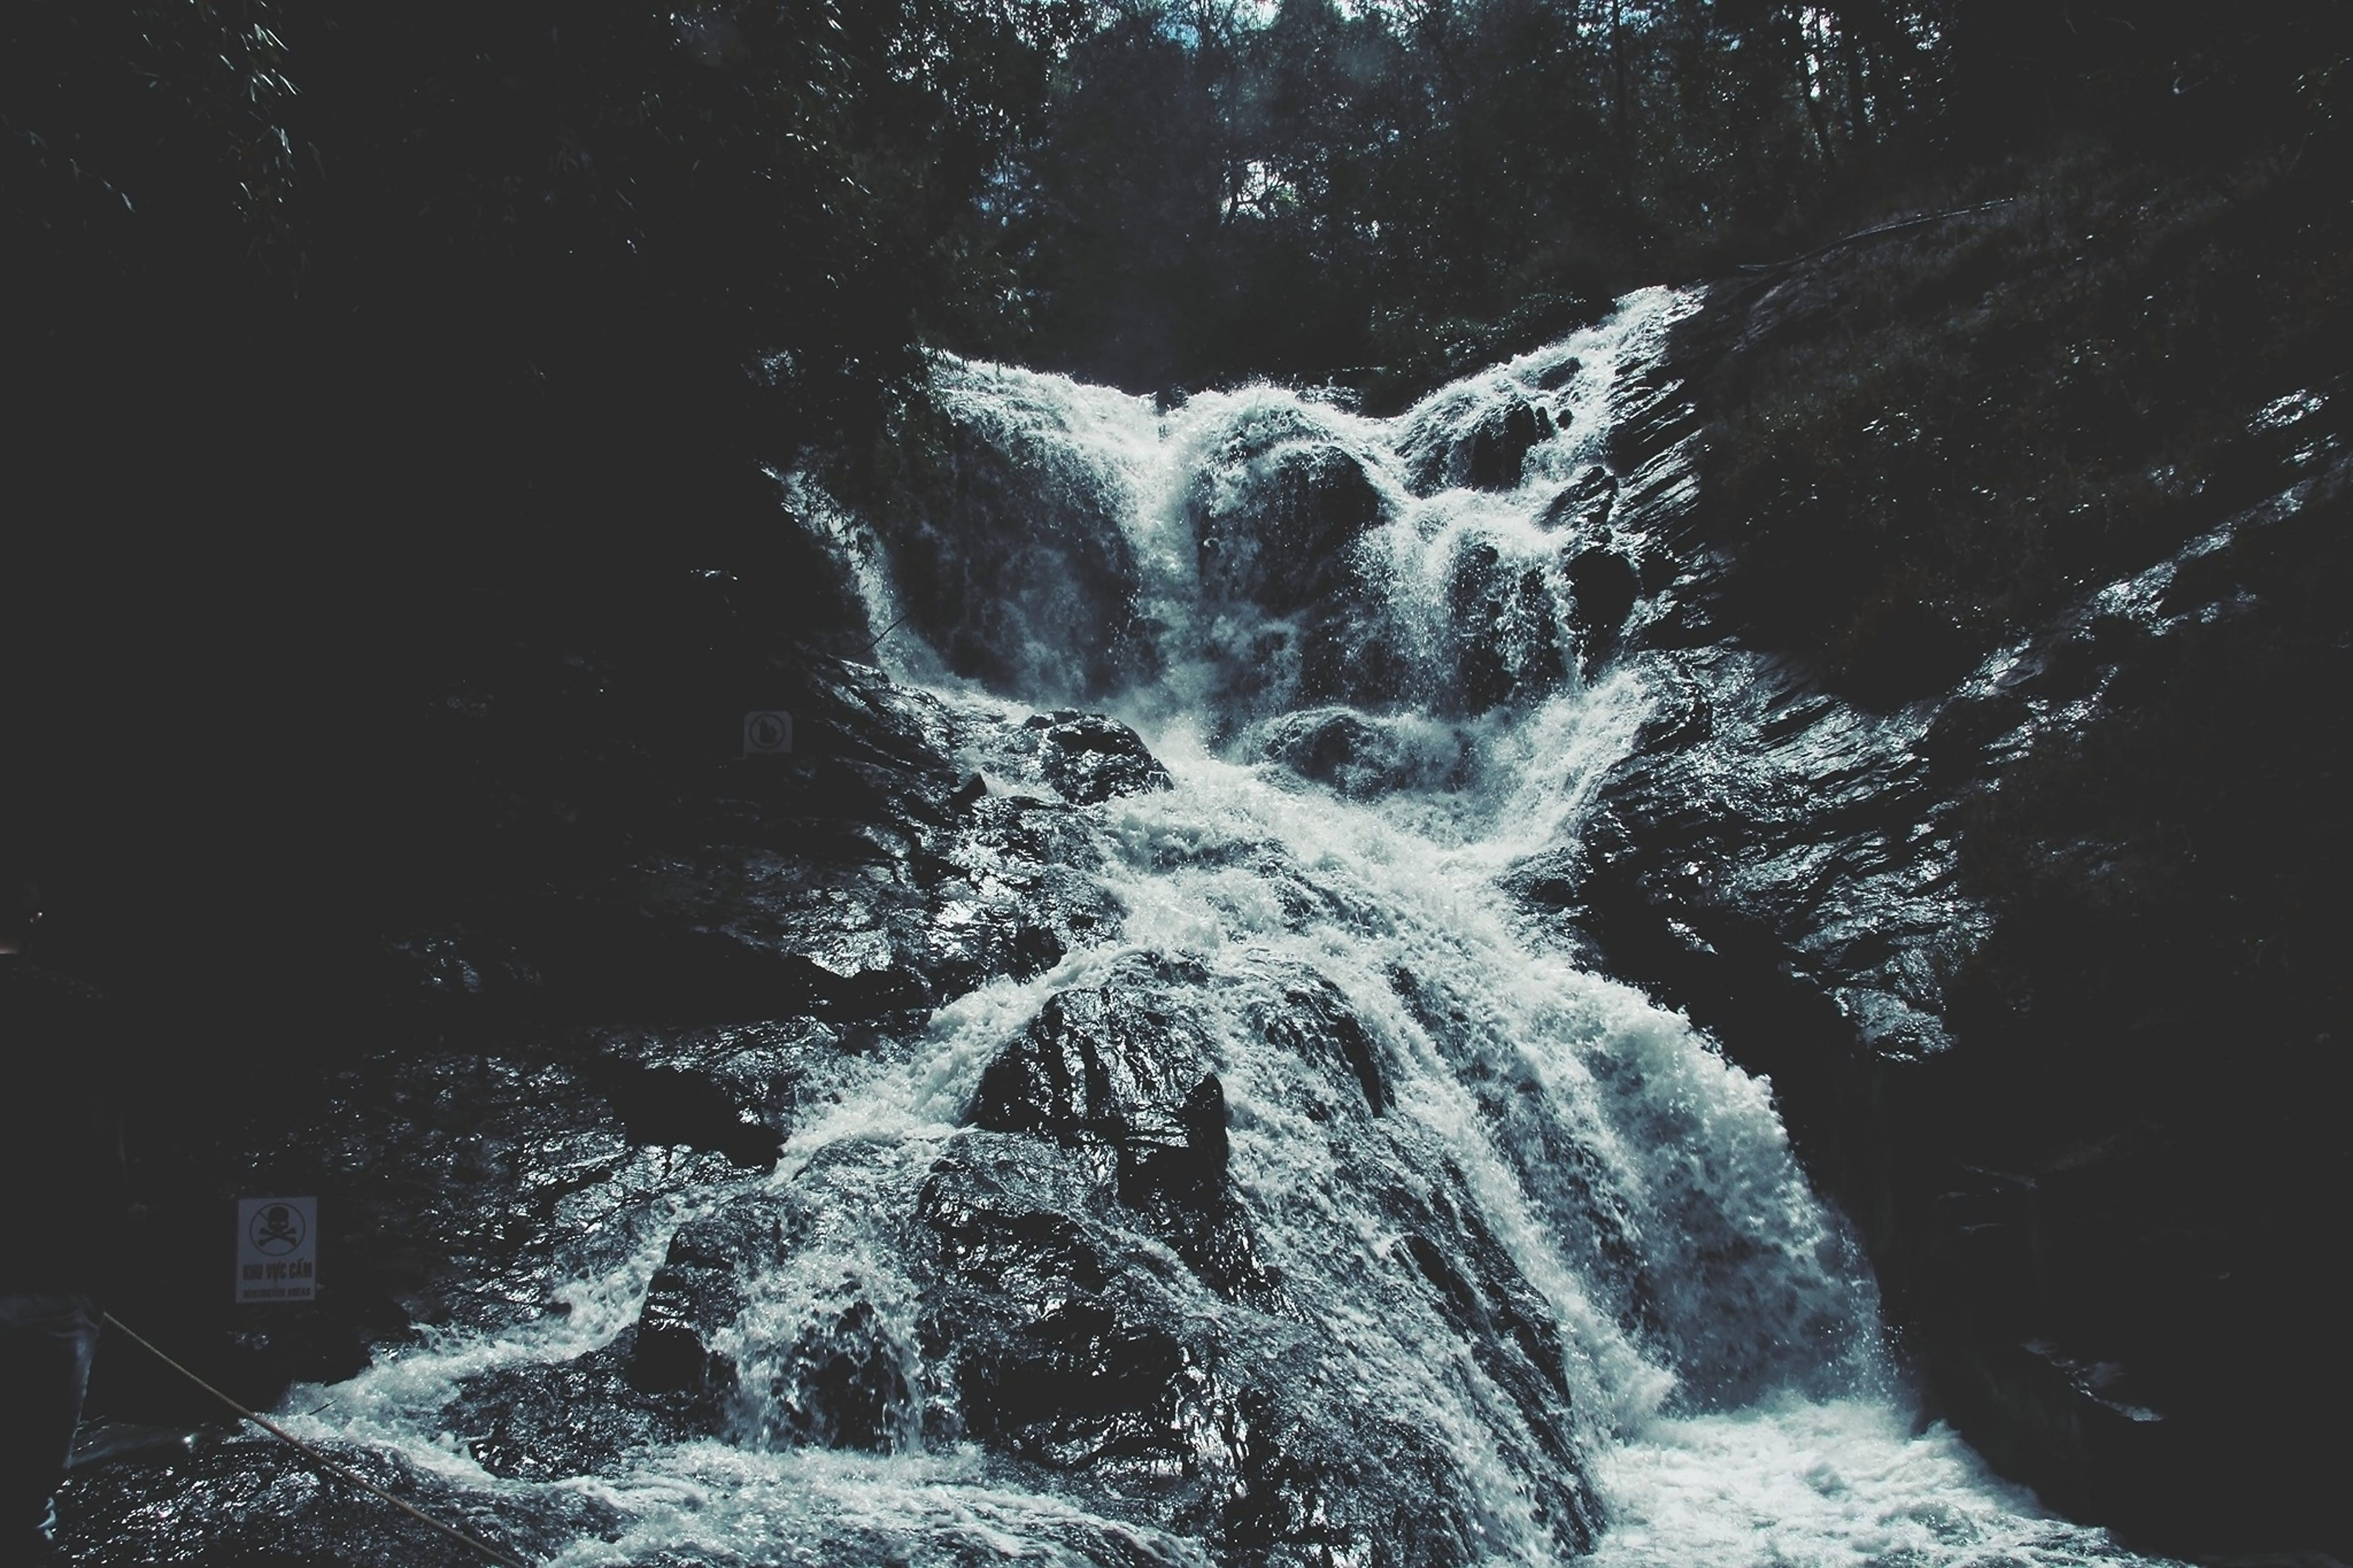 Безкоштовне стокове фото на тему «вода, водоспади, Денне світло, дерева»